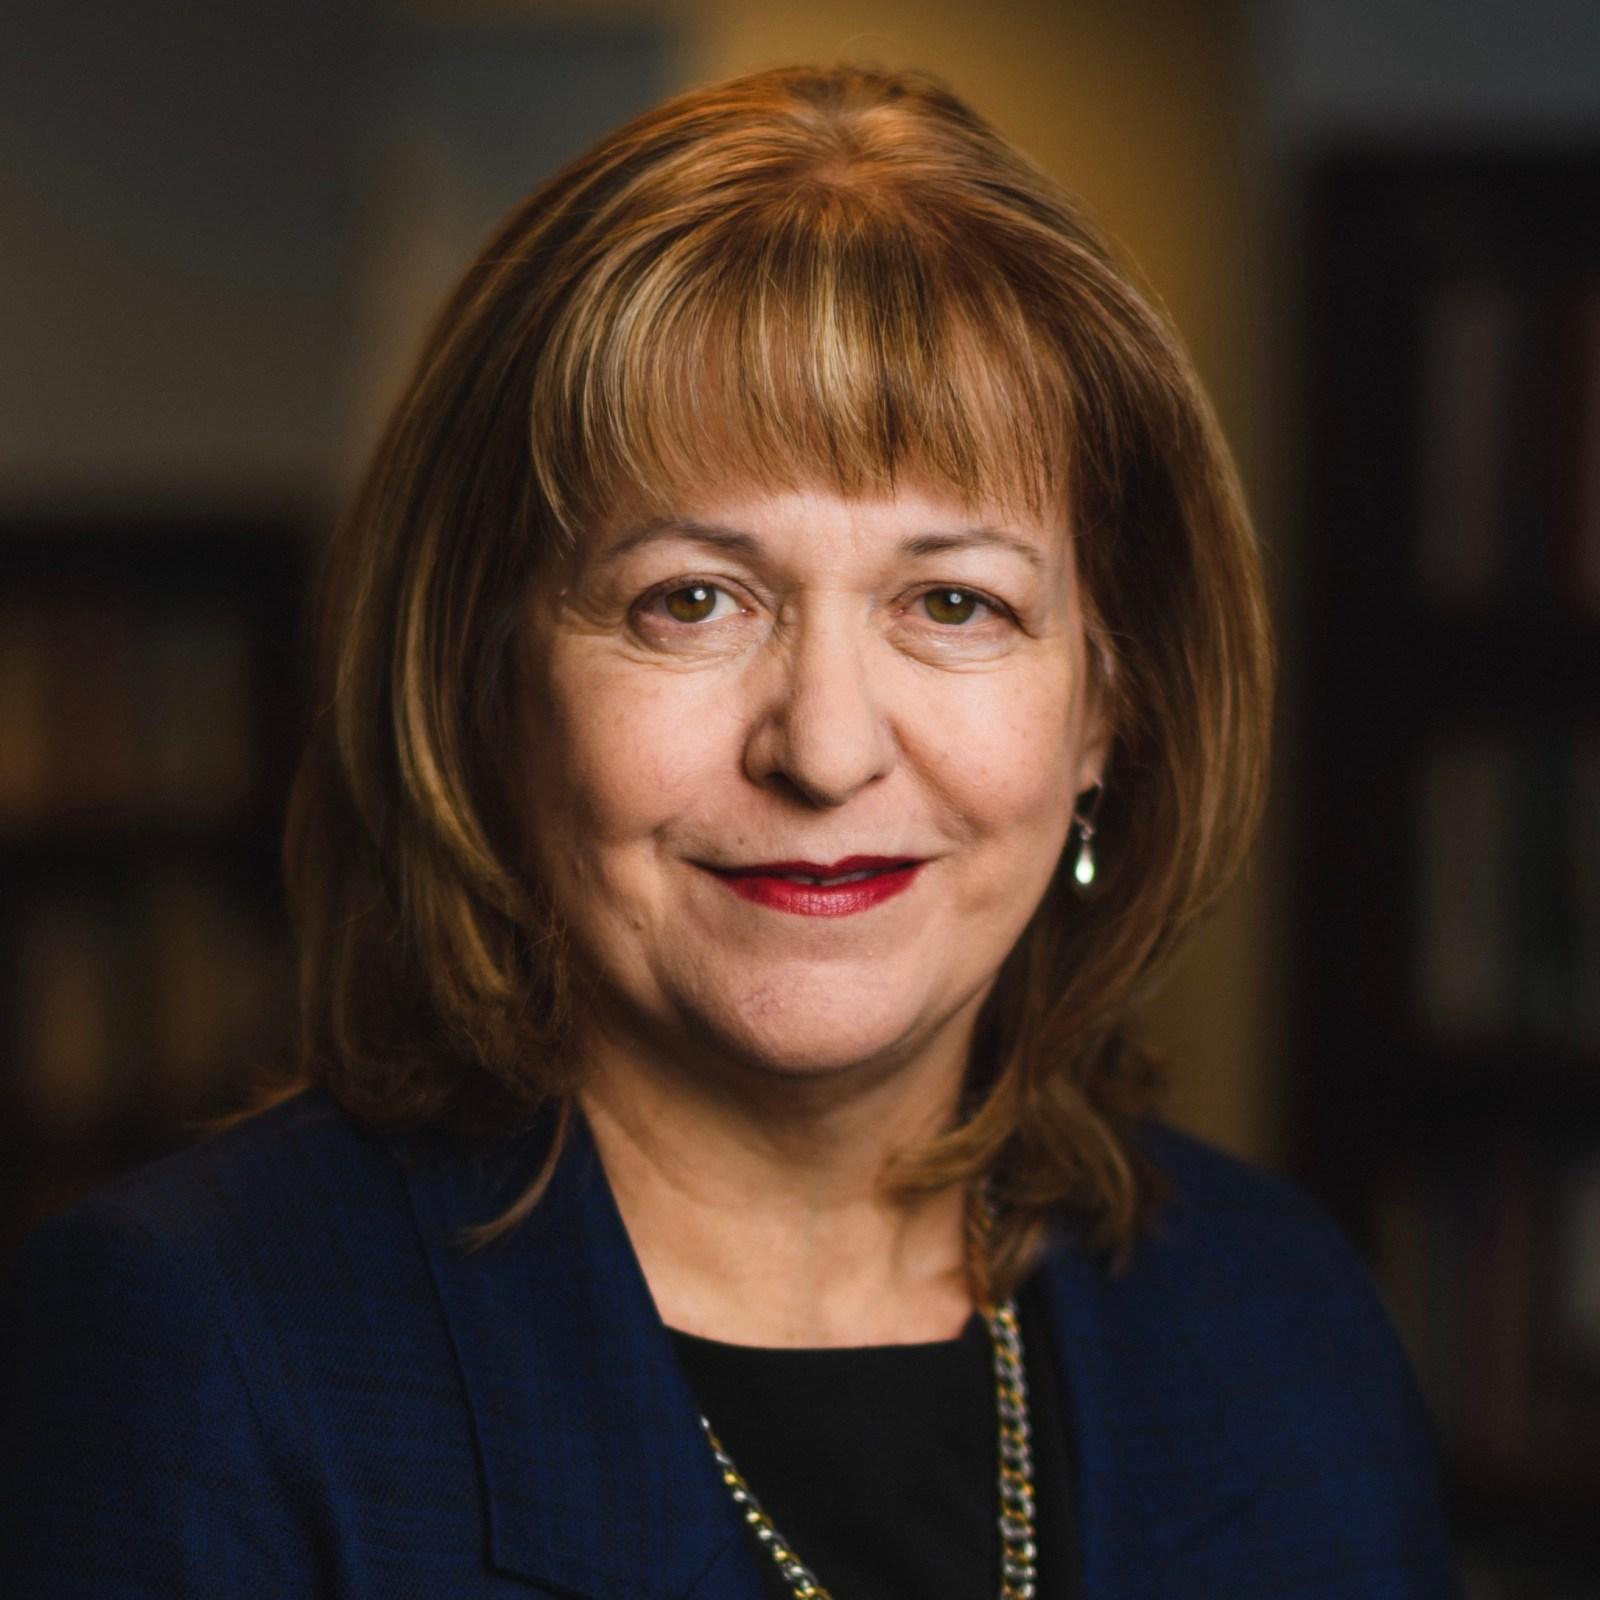 Headshot of Evangeline J. Bartz, J.D.